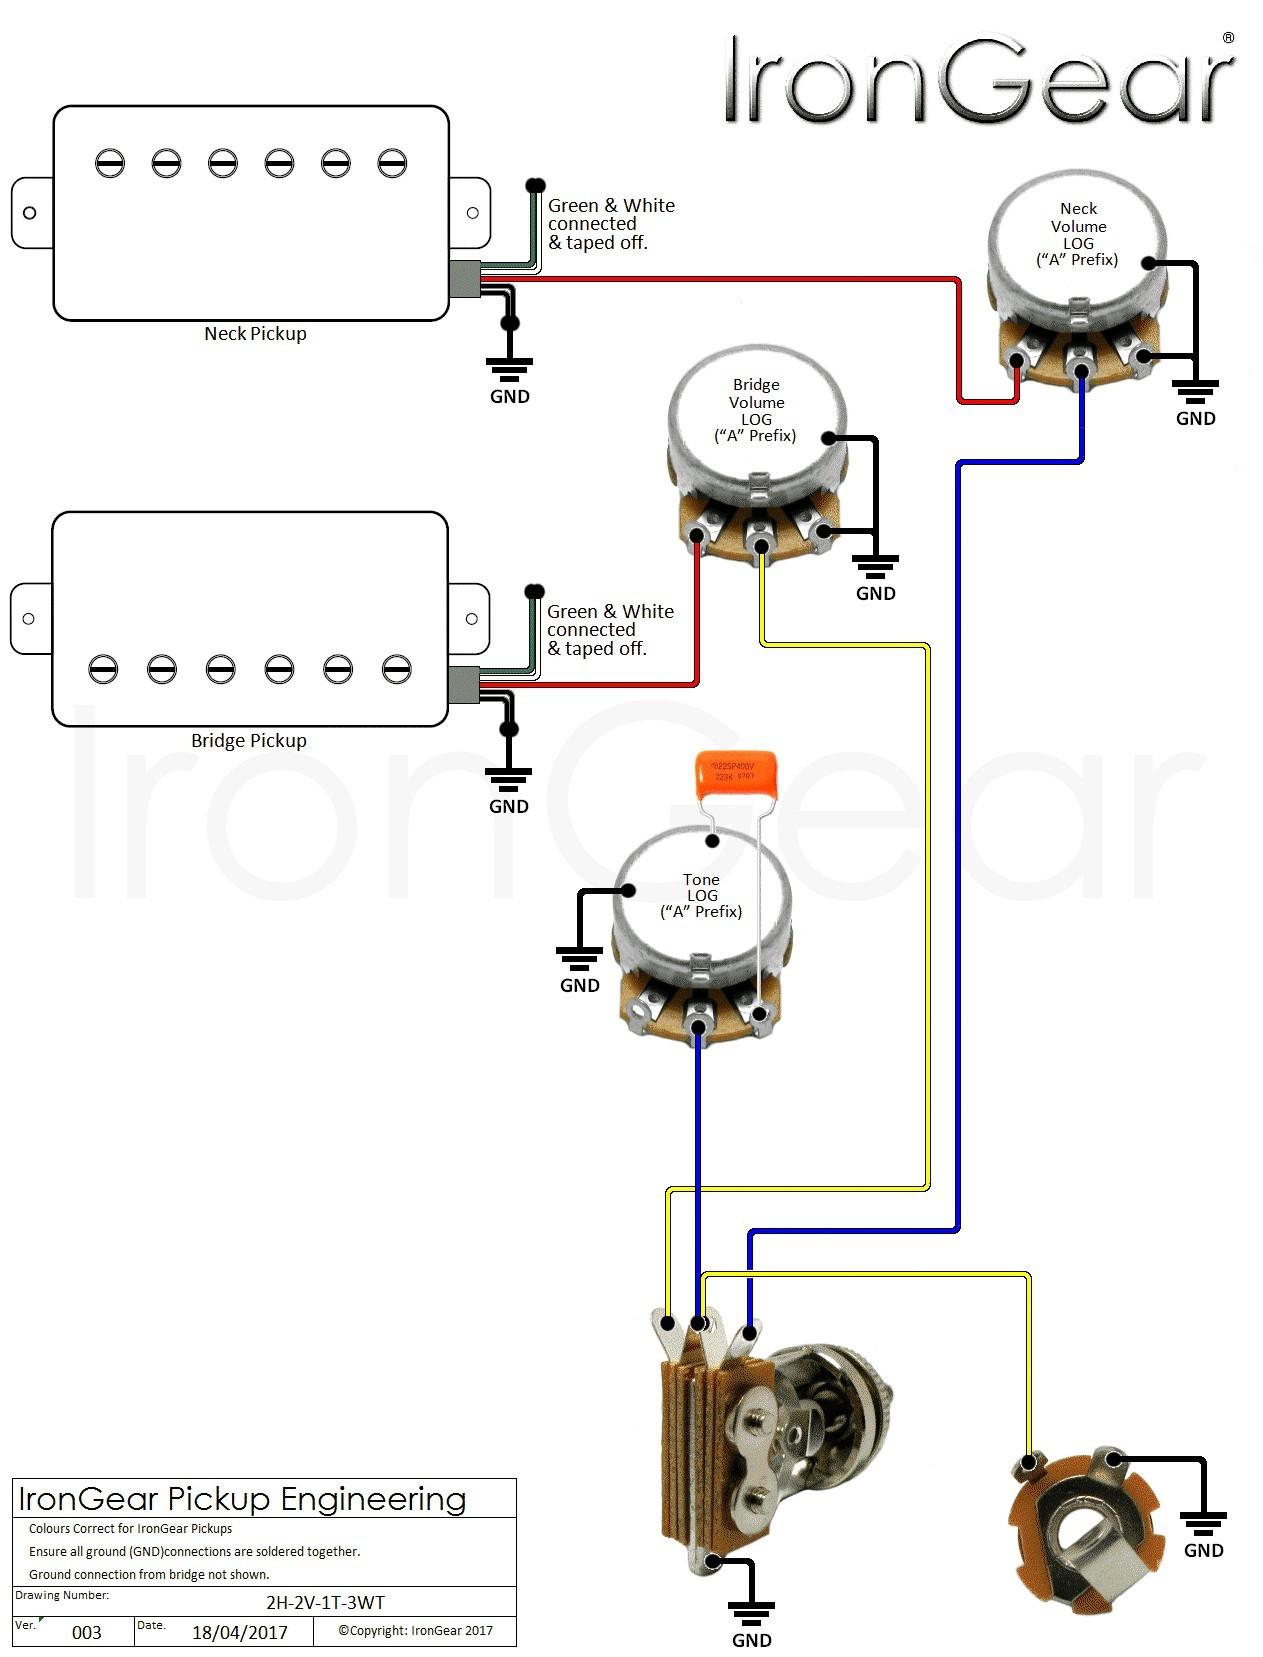 Wiring Diagram for A Guitar Fresh Wiring Diagram Guitar 2 Volume 1 tone X Que Blurts